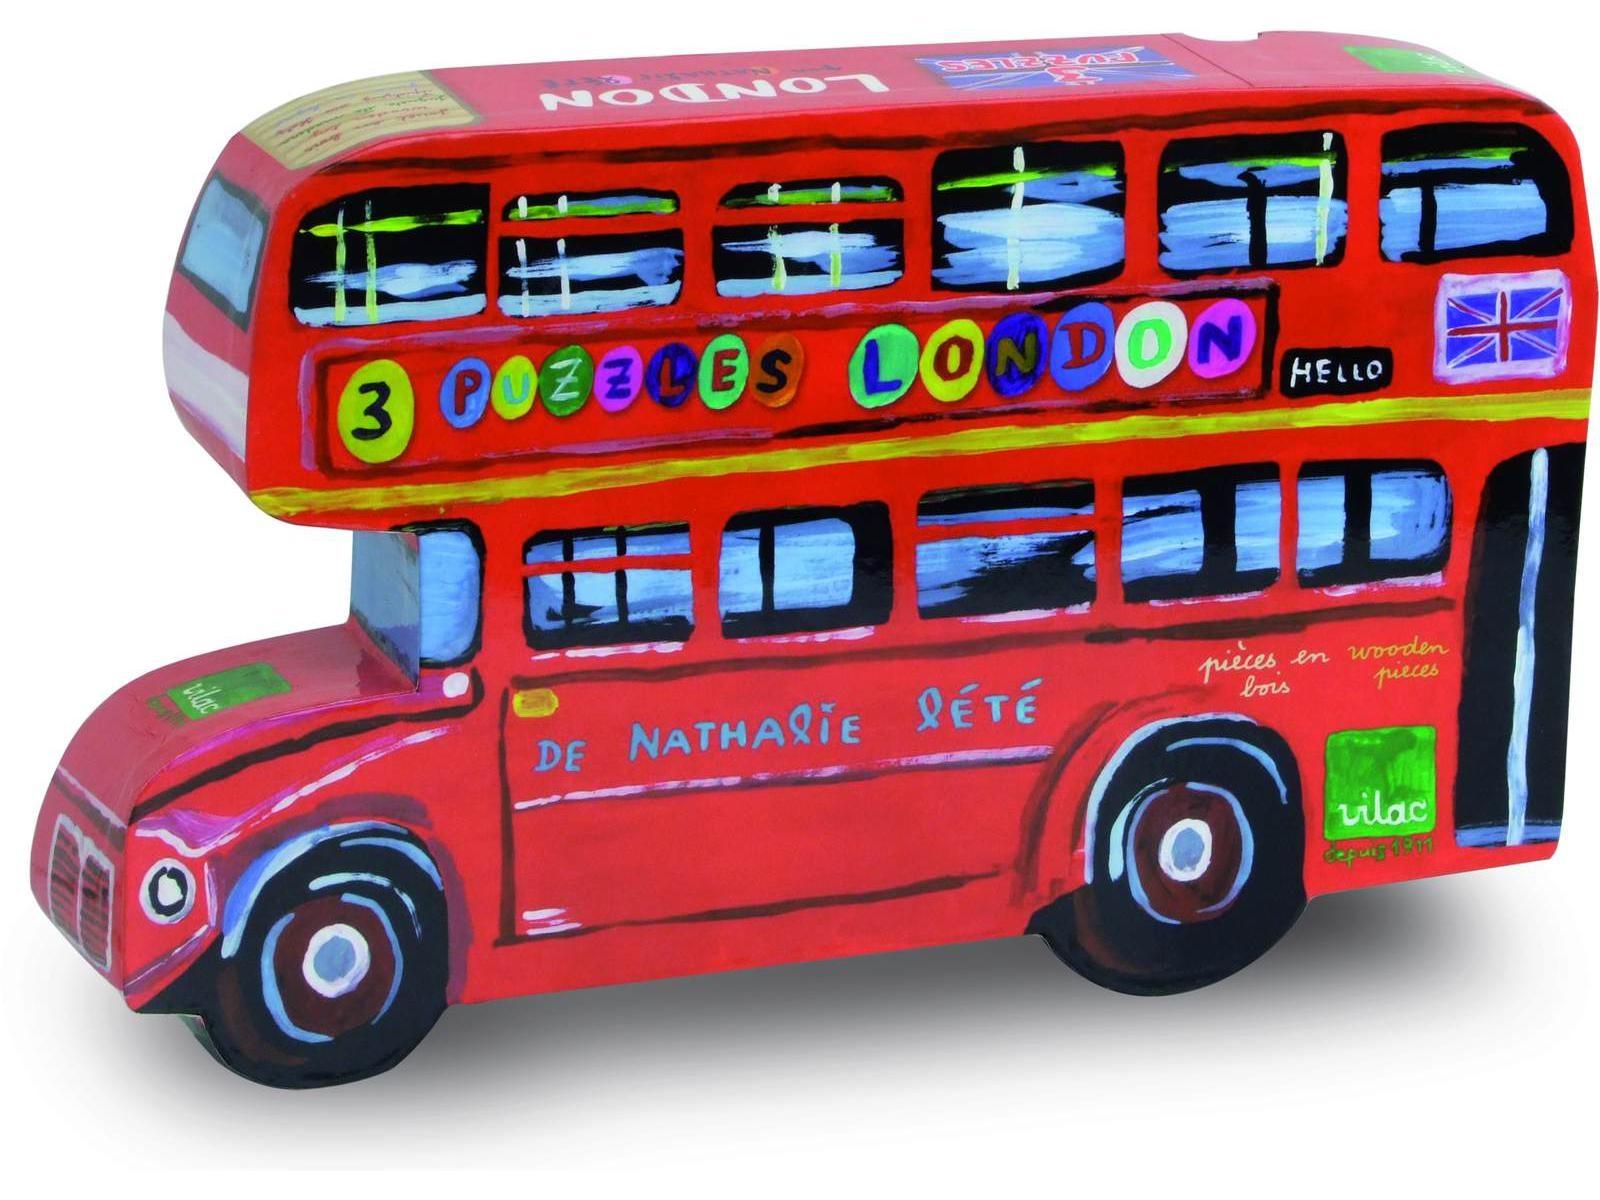 Vilac - 3 puzzles London